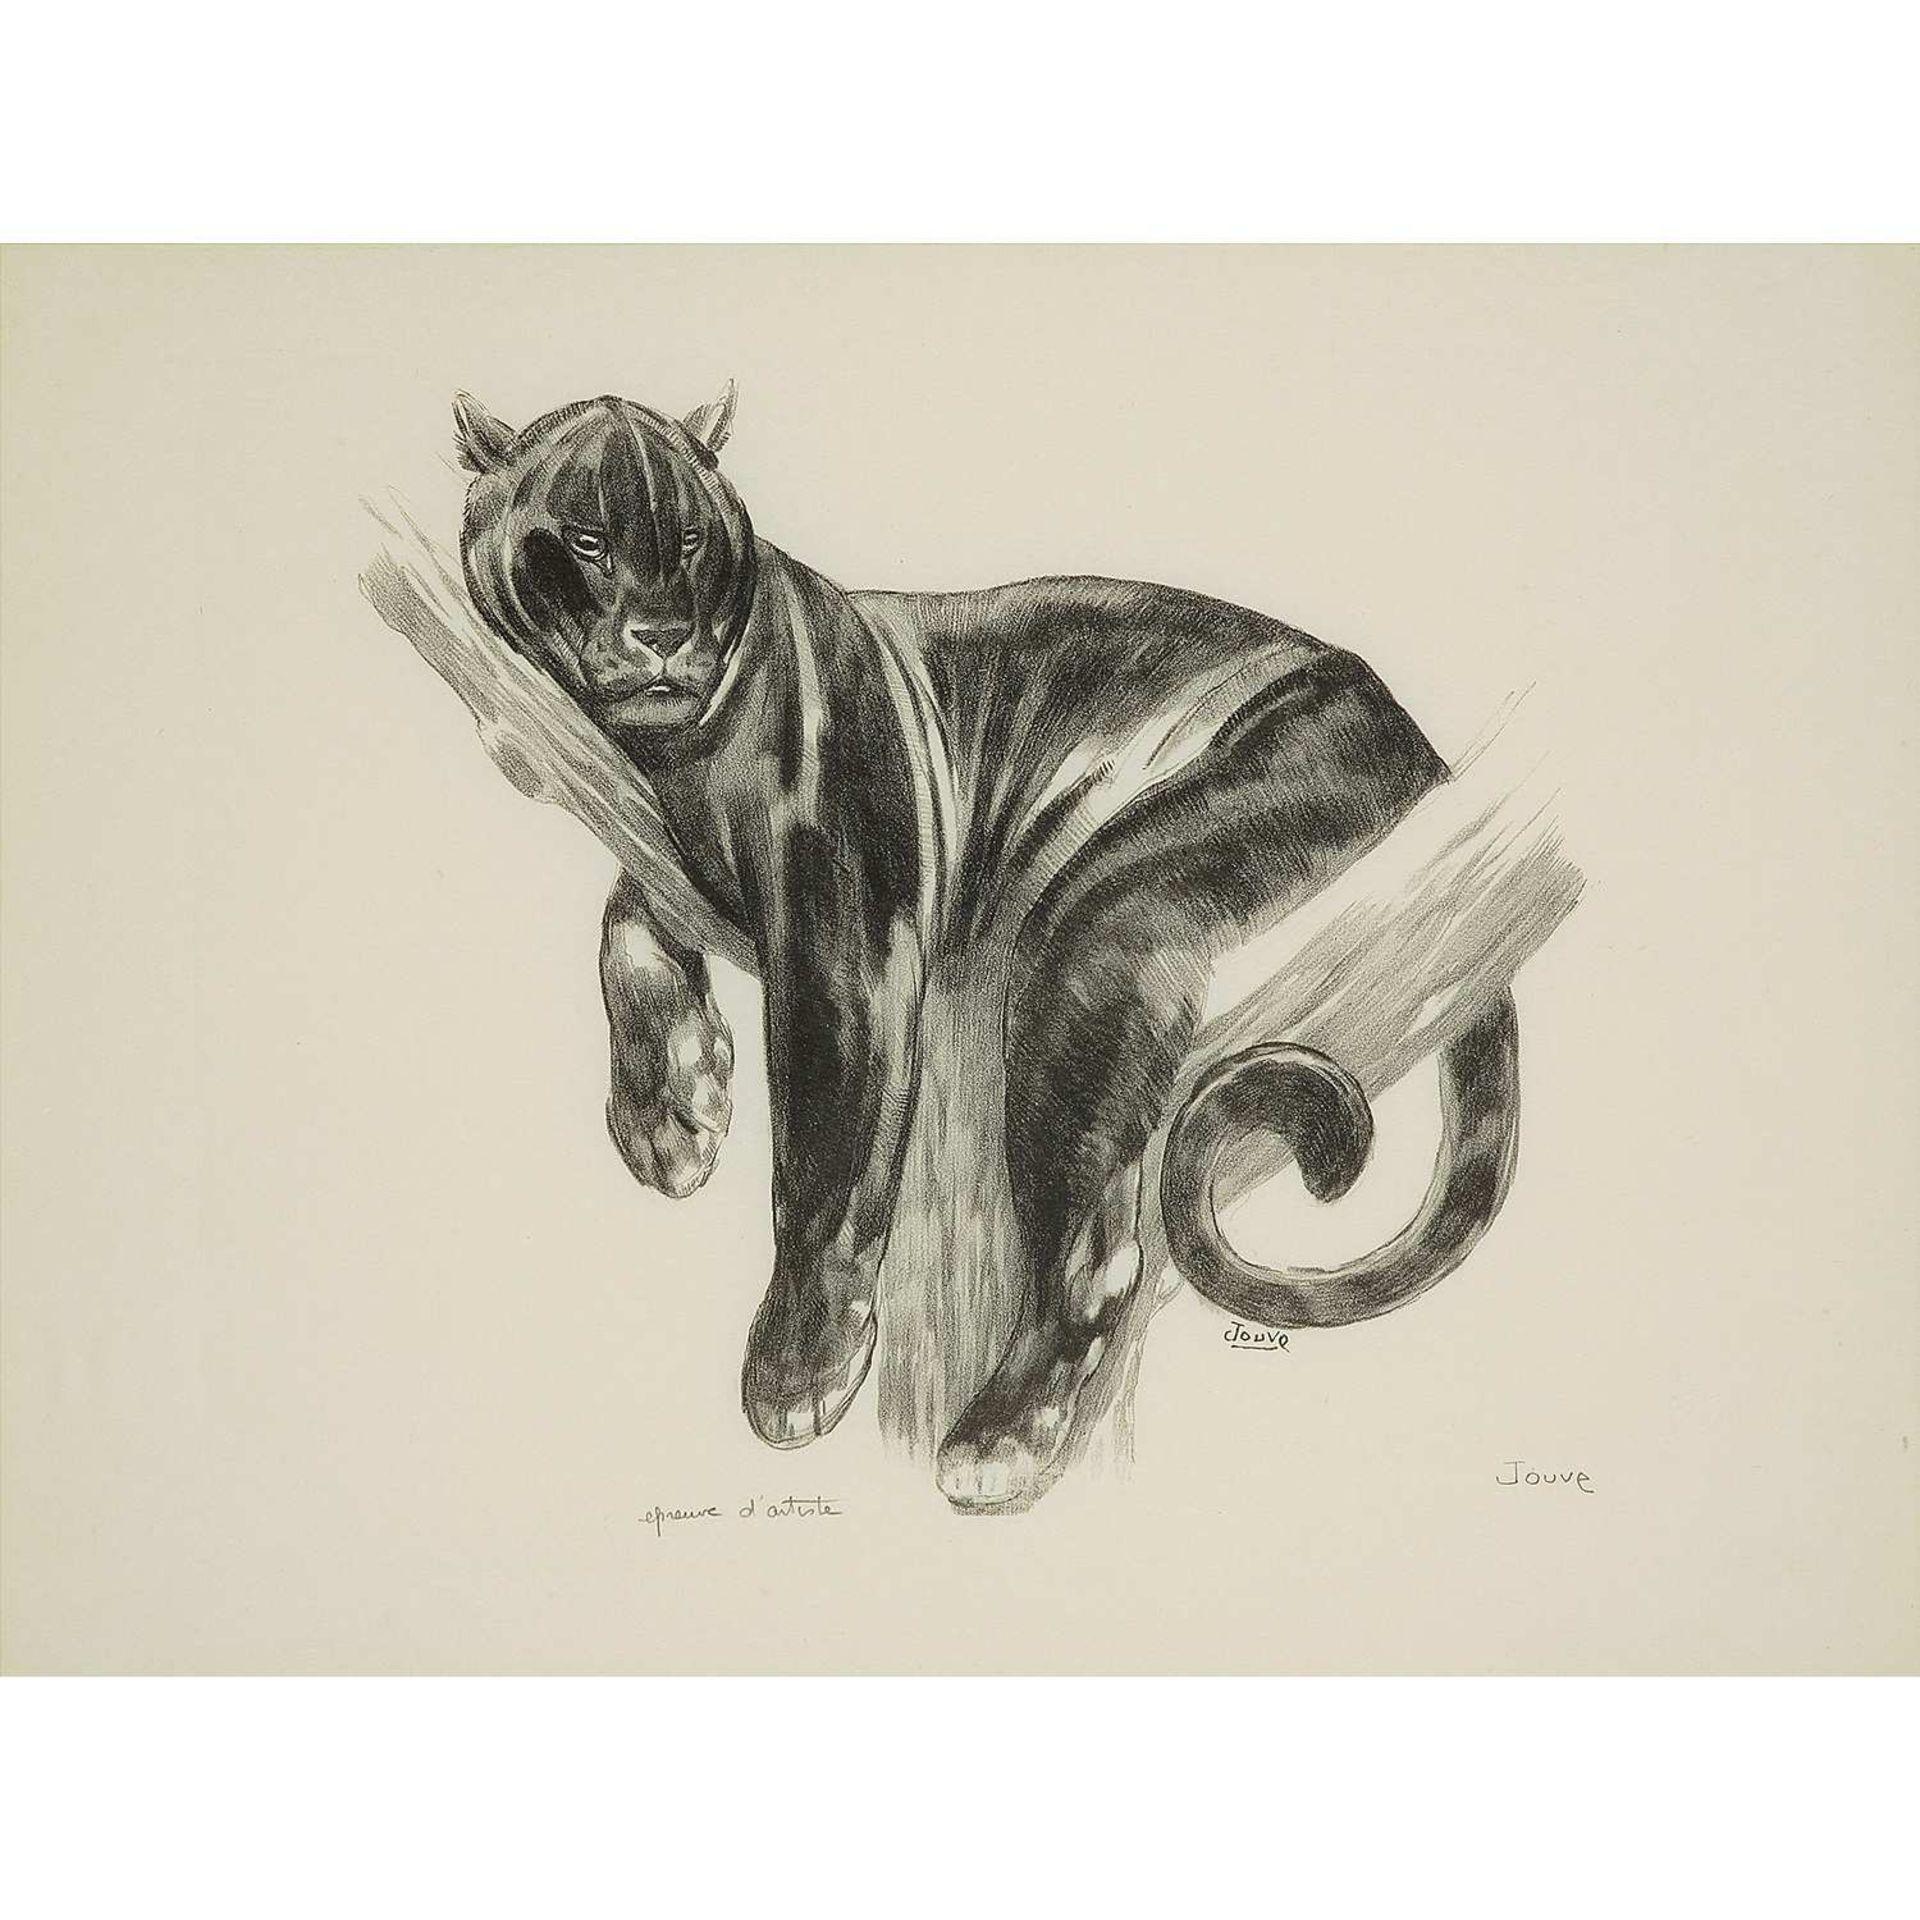 Los 16 - PAUL JOUVE (1878-1973) Panthère branchée, 1938 Lithographie originale sur papier Japon, signée